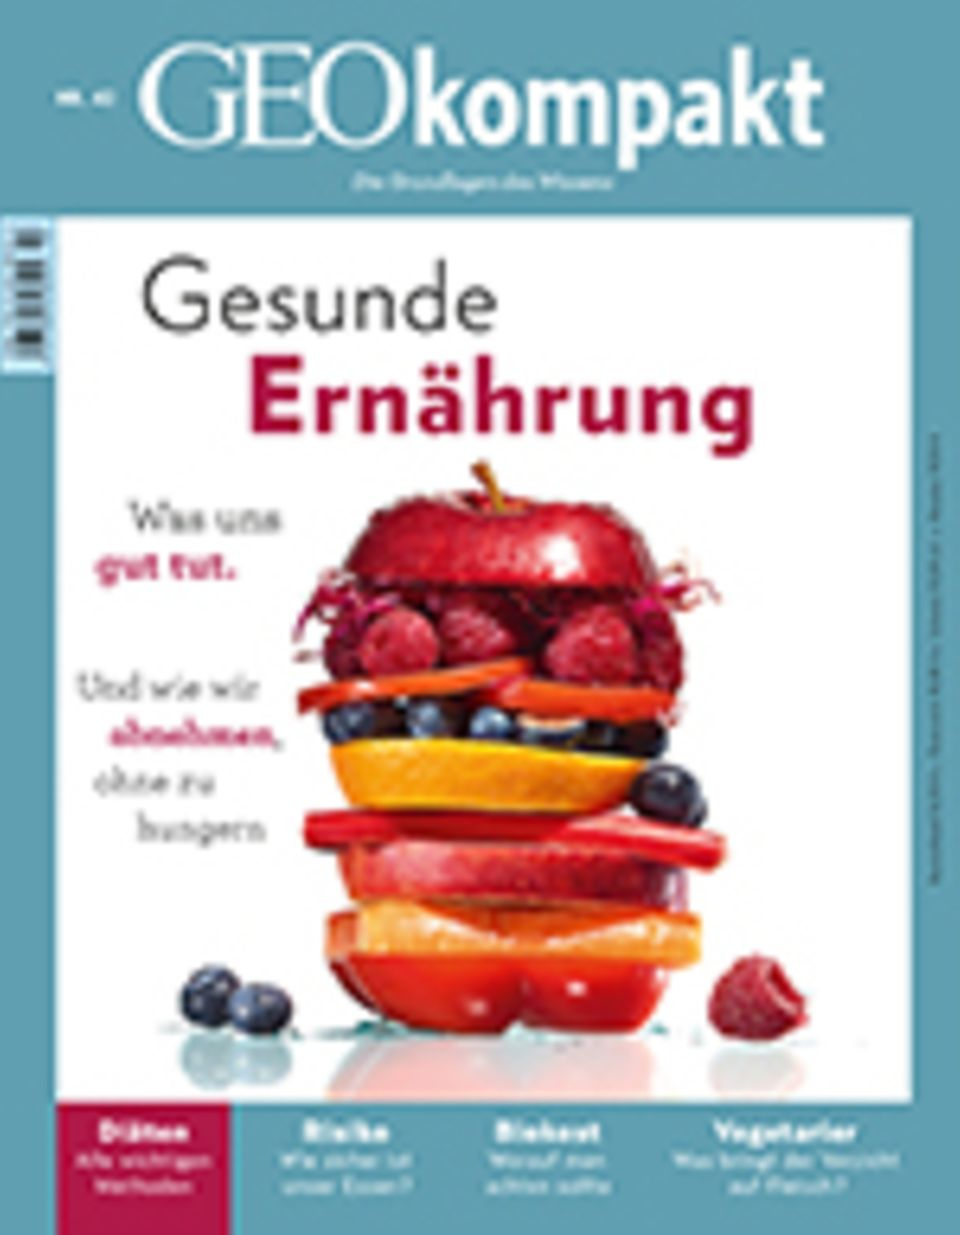 Interview: Vom Wert der Bio-Kost